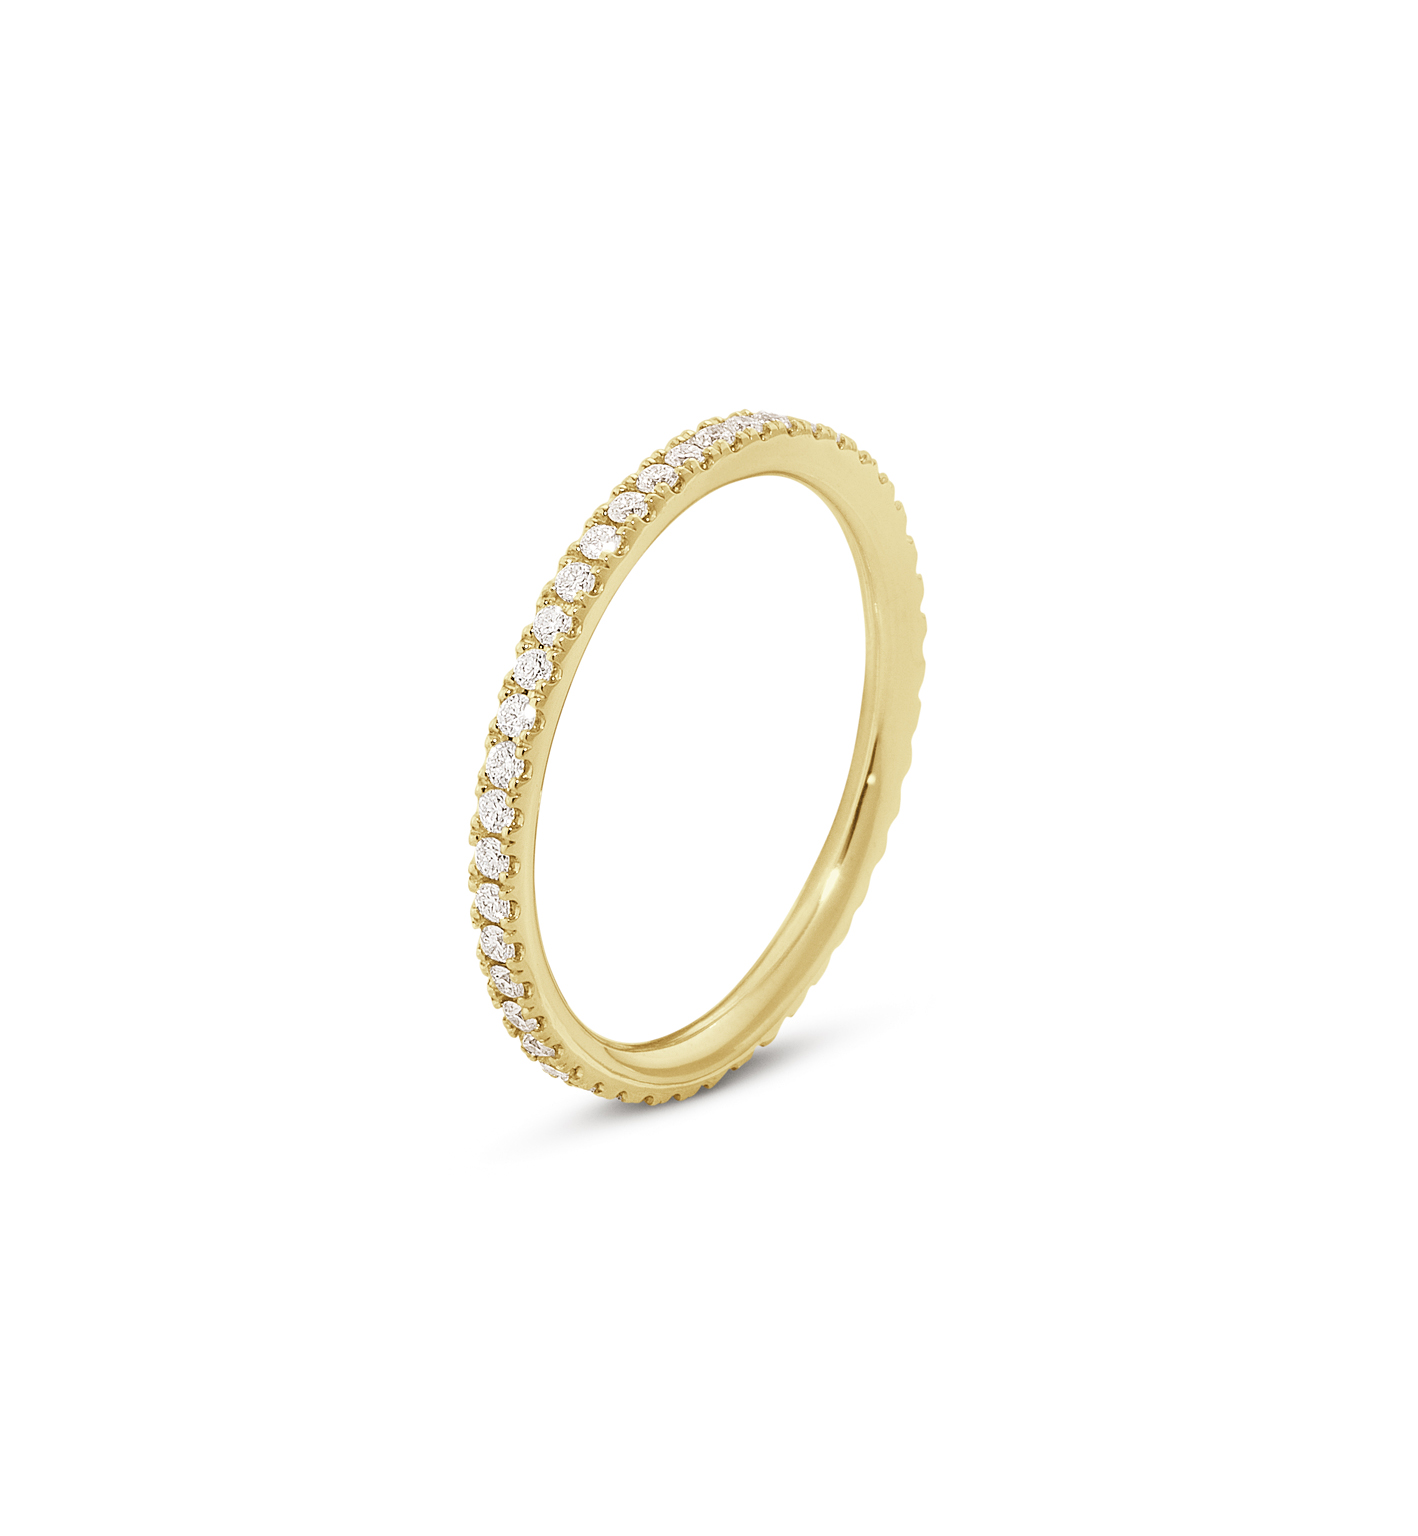 Image of   Georg Jensen AURORA ring - 3572720 Størrelse 54